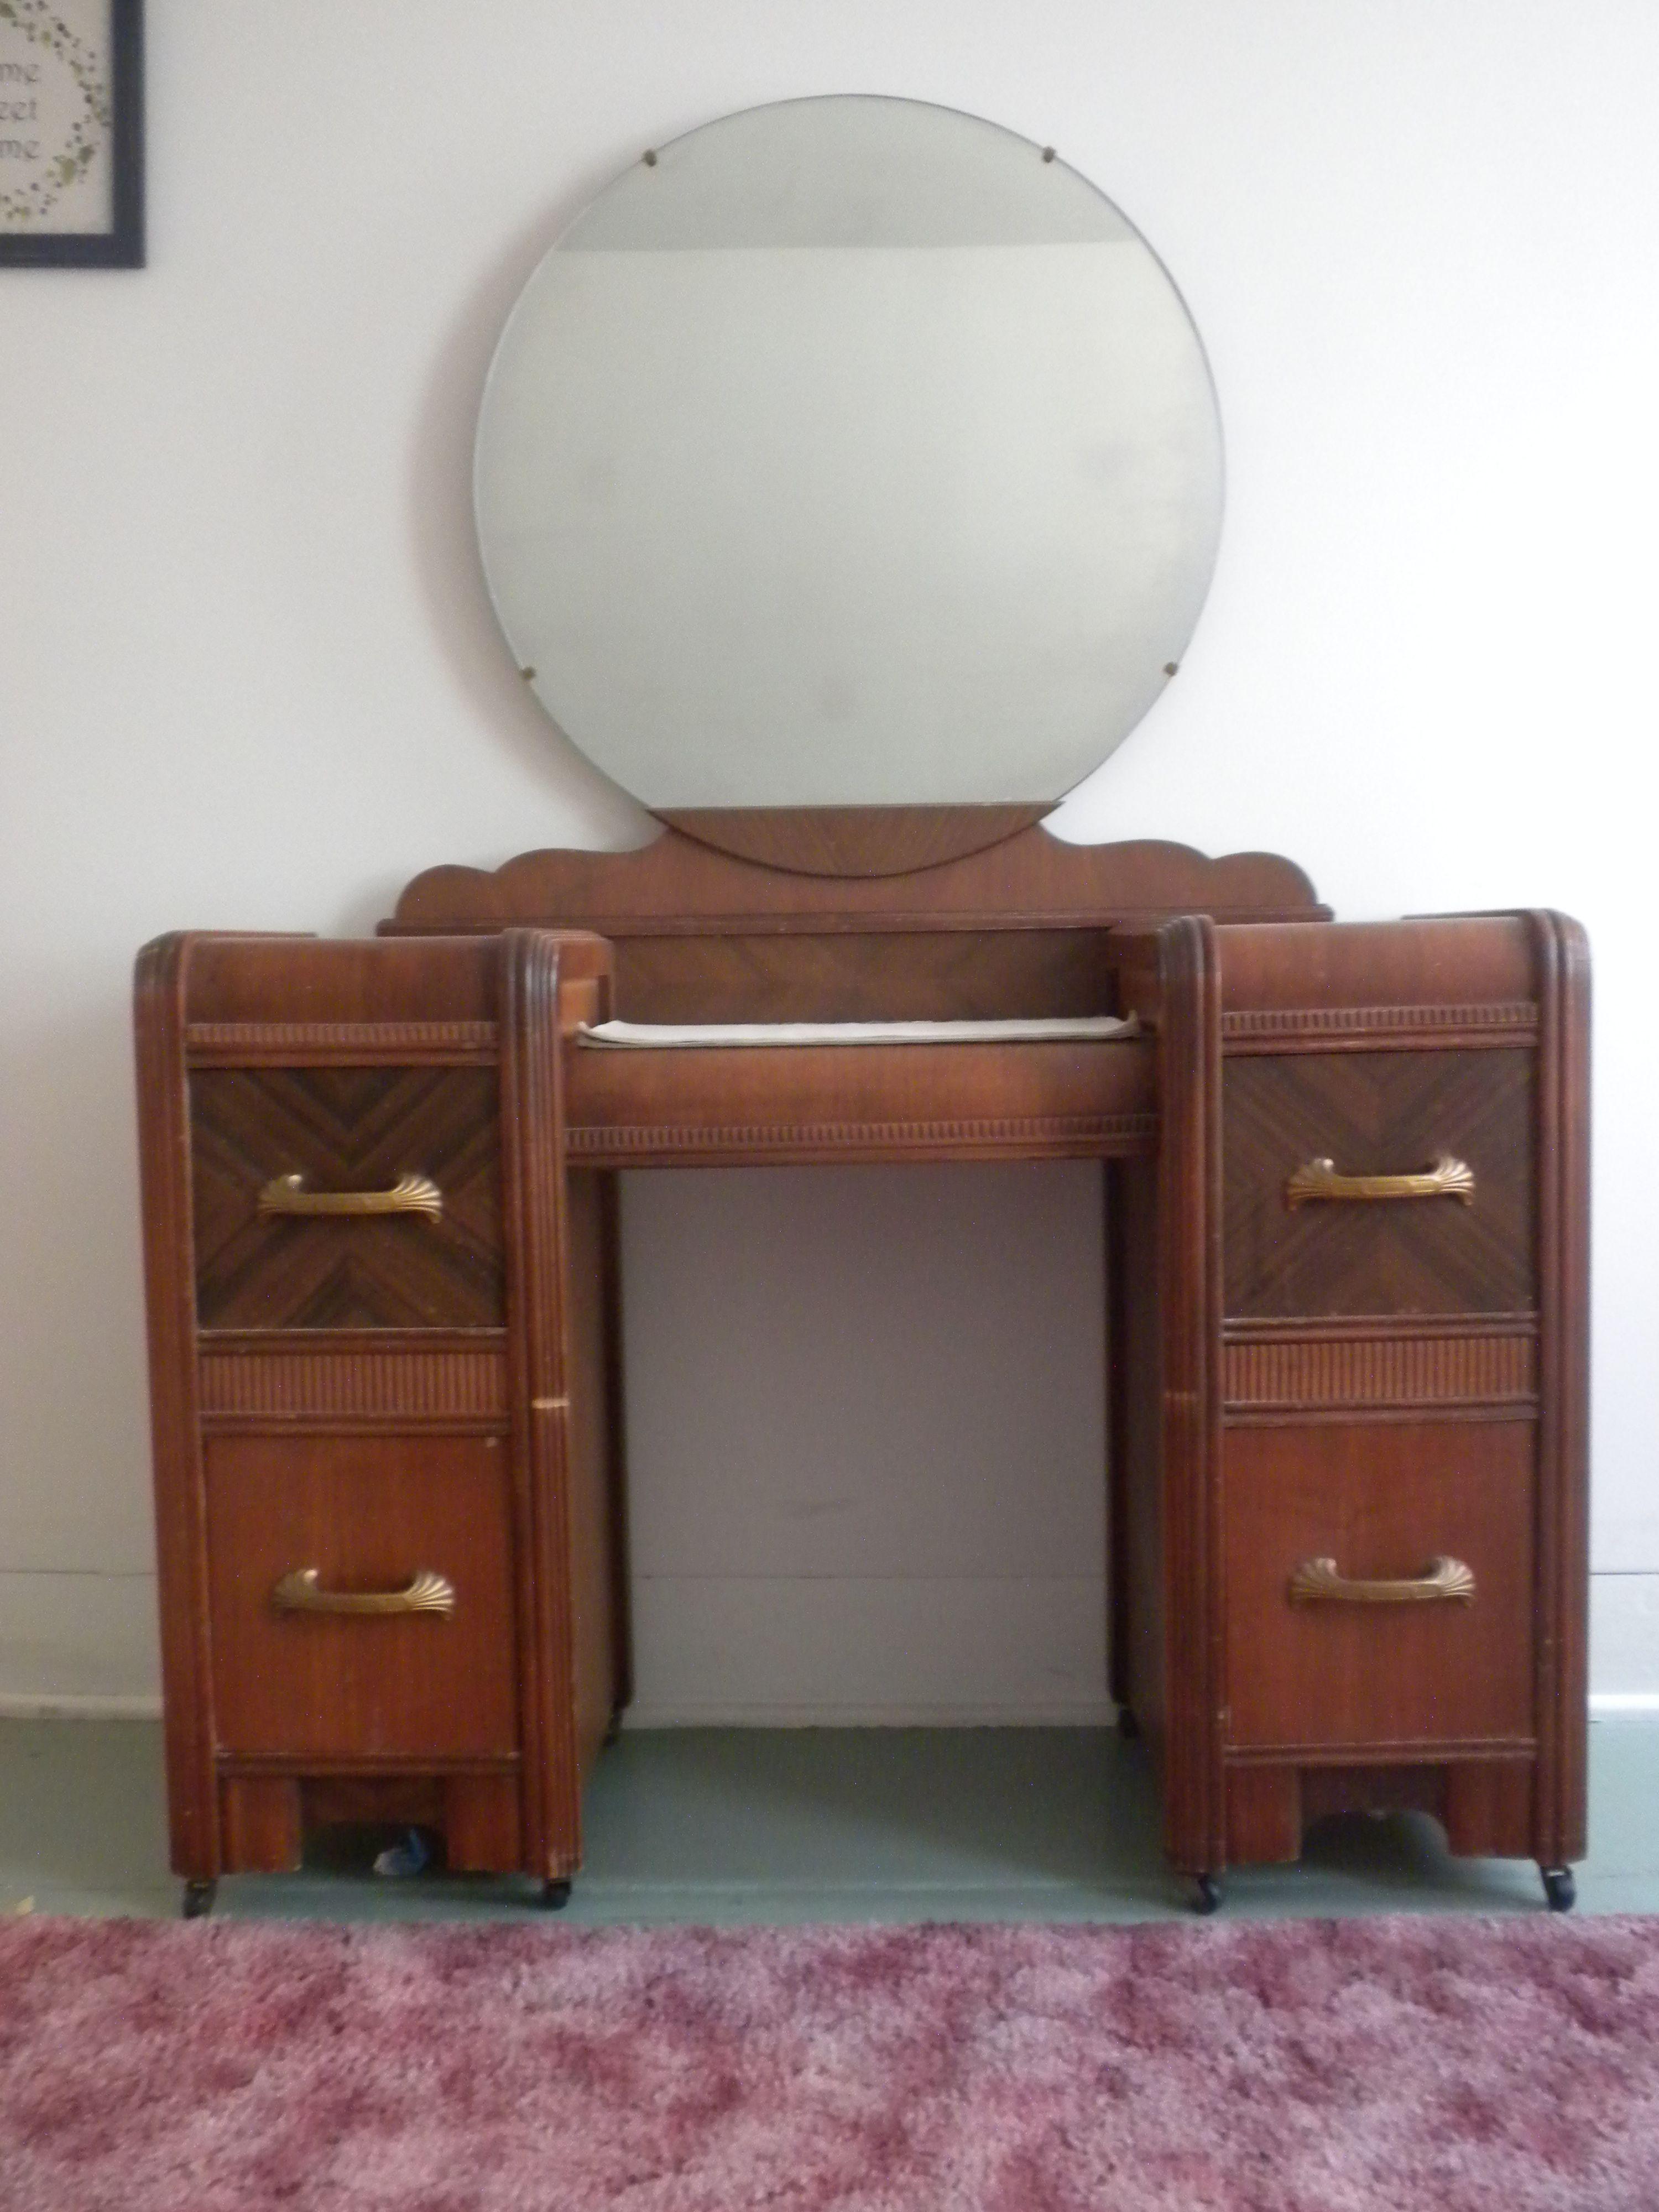 1930s Bedroom Furniture : 1930s, bedroom, furniture, Furniture, Styles, Waterfall, Style, Bedroom, Vanity, Furniture,